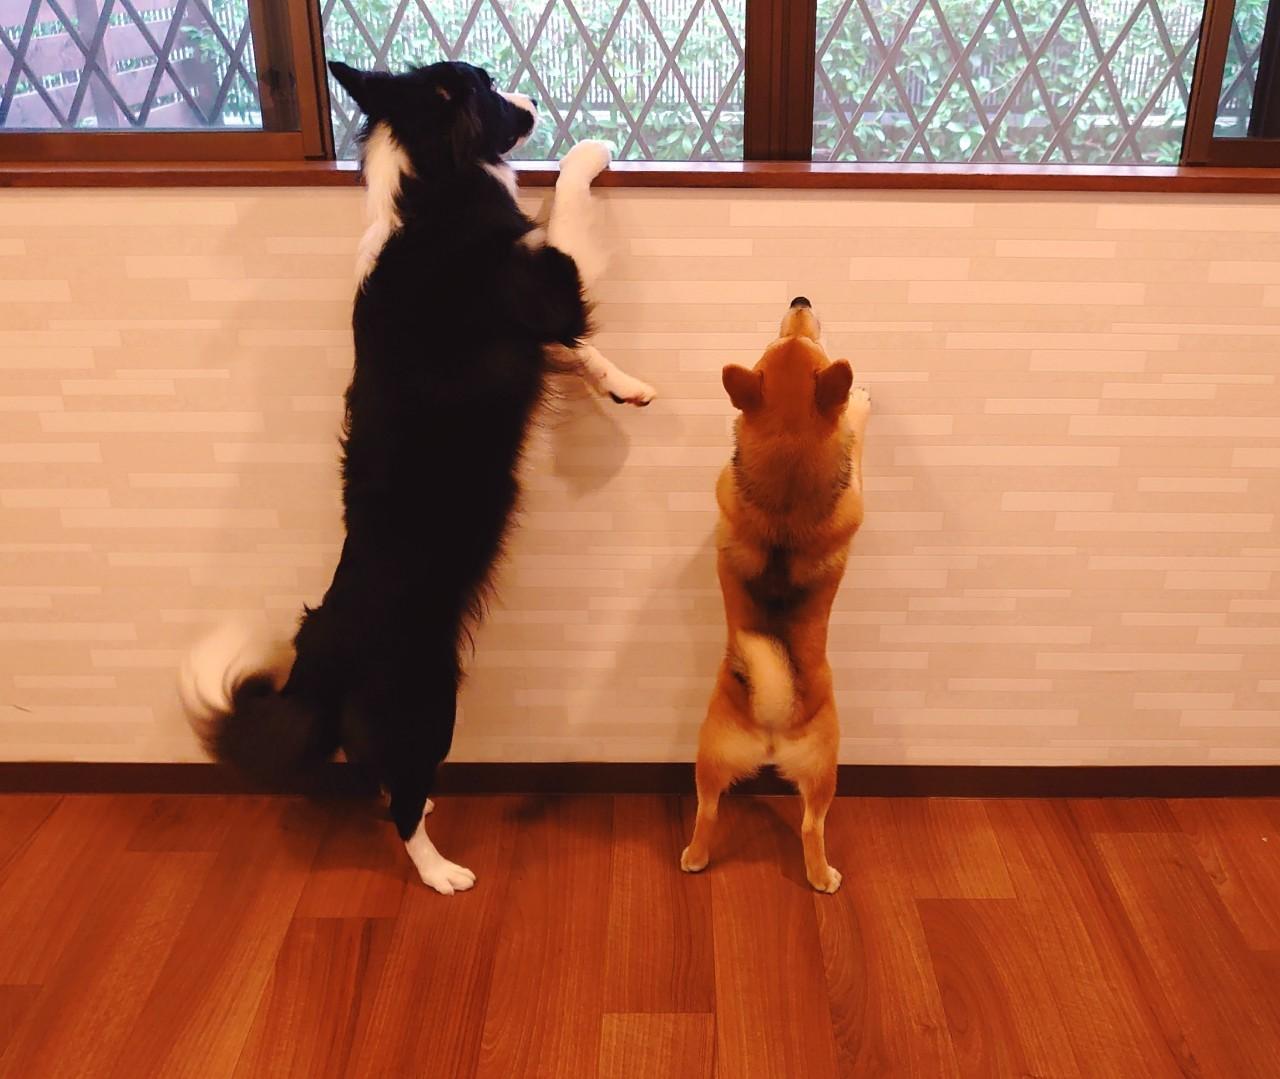 二人で外を見たいけど、さくらちゃんは身長がたりず。